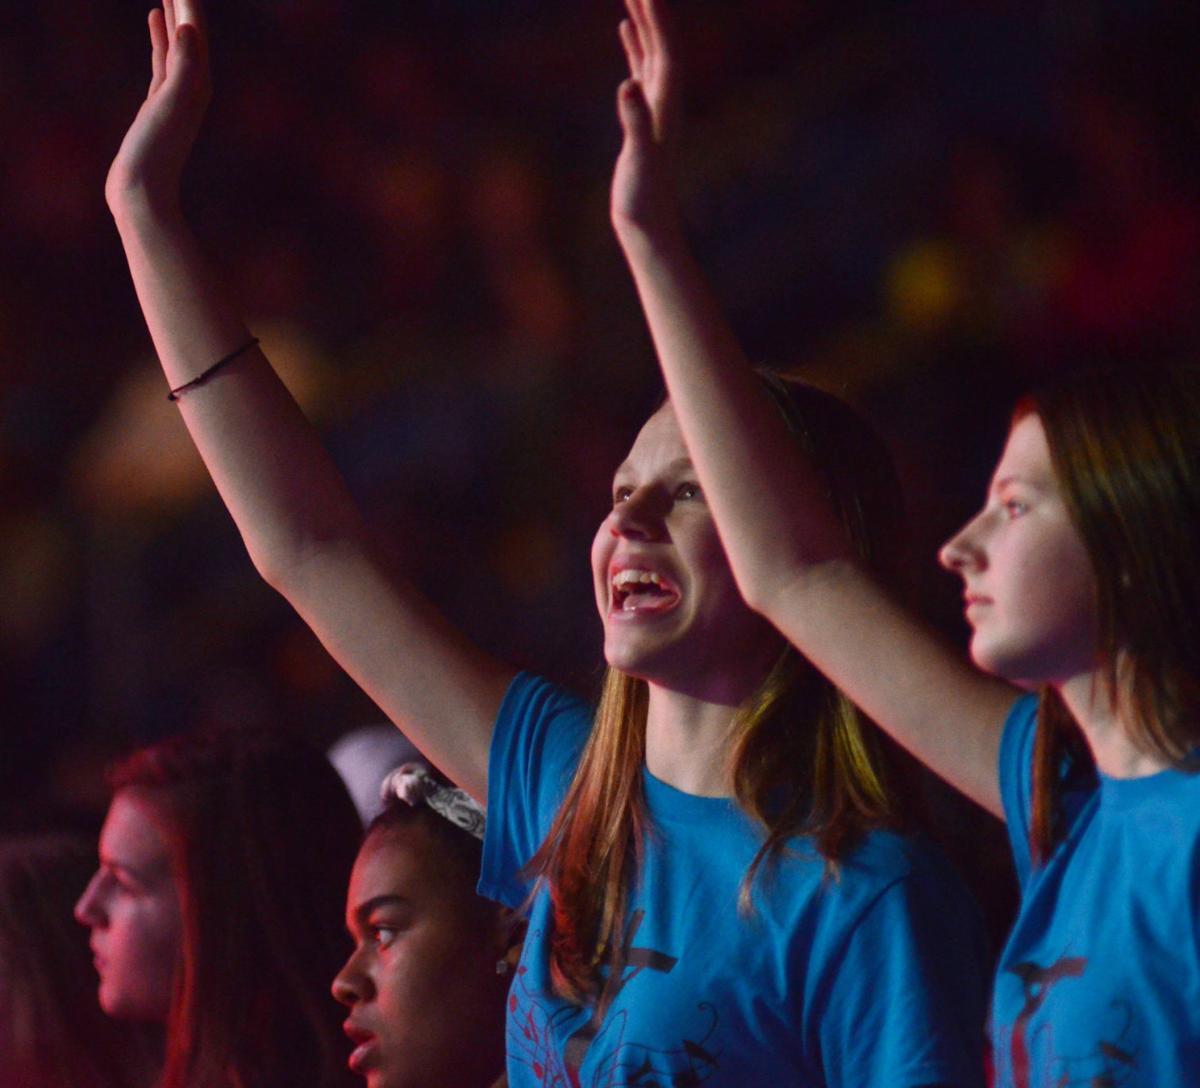 A fan raises her hands in praise